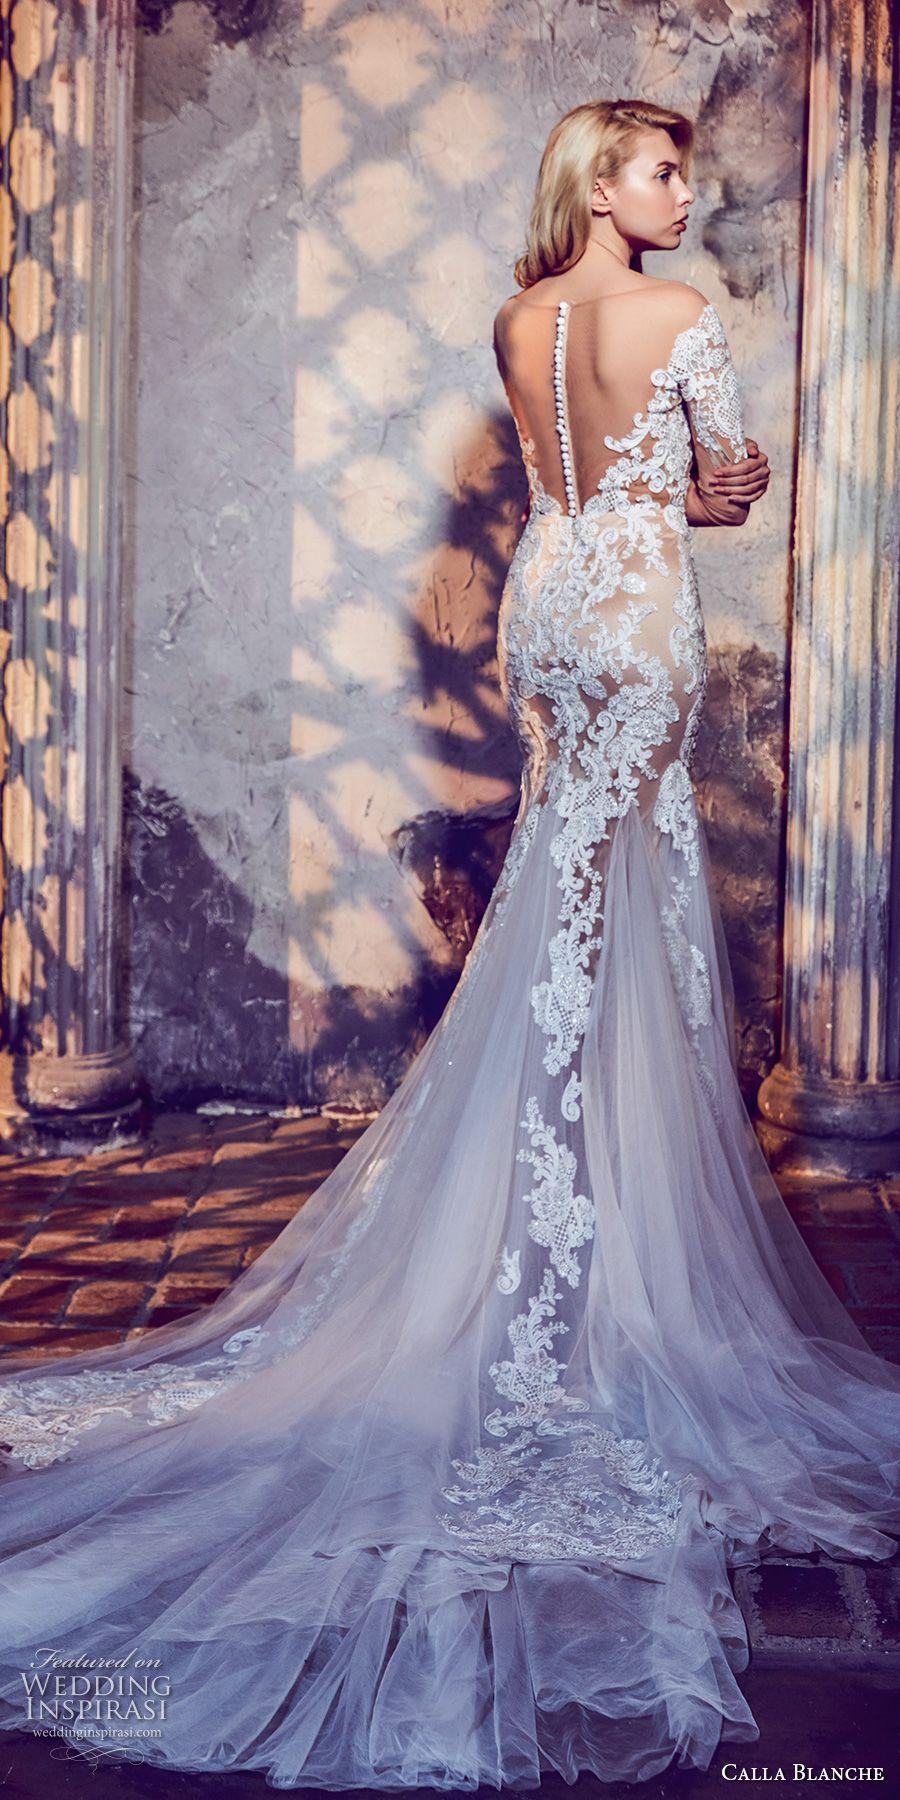 Calla Blanche Fall 2017 Wedding Dresses | Vestido encaje, Novios y ...